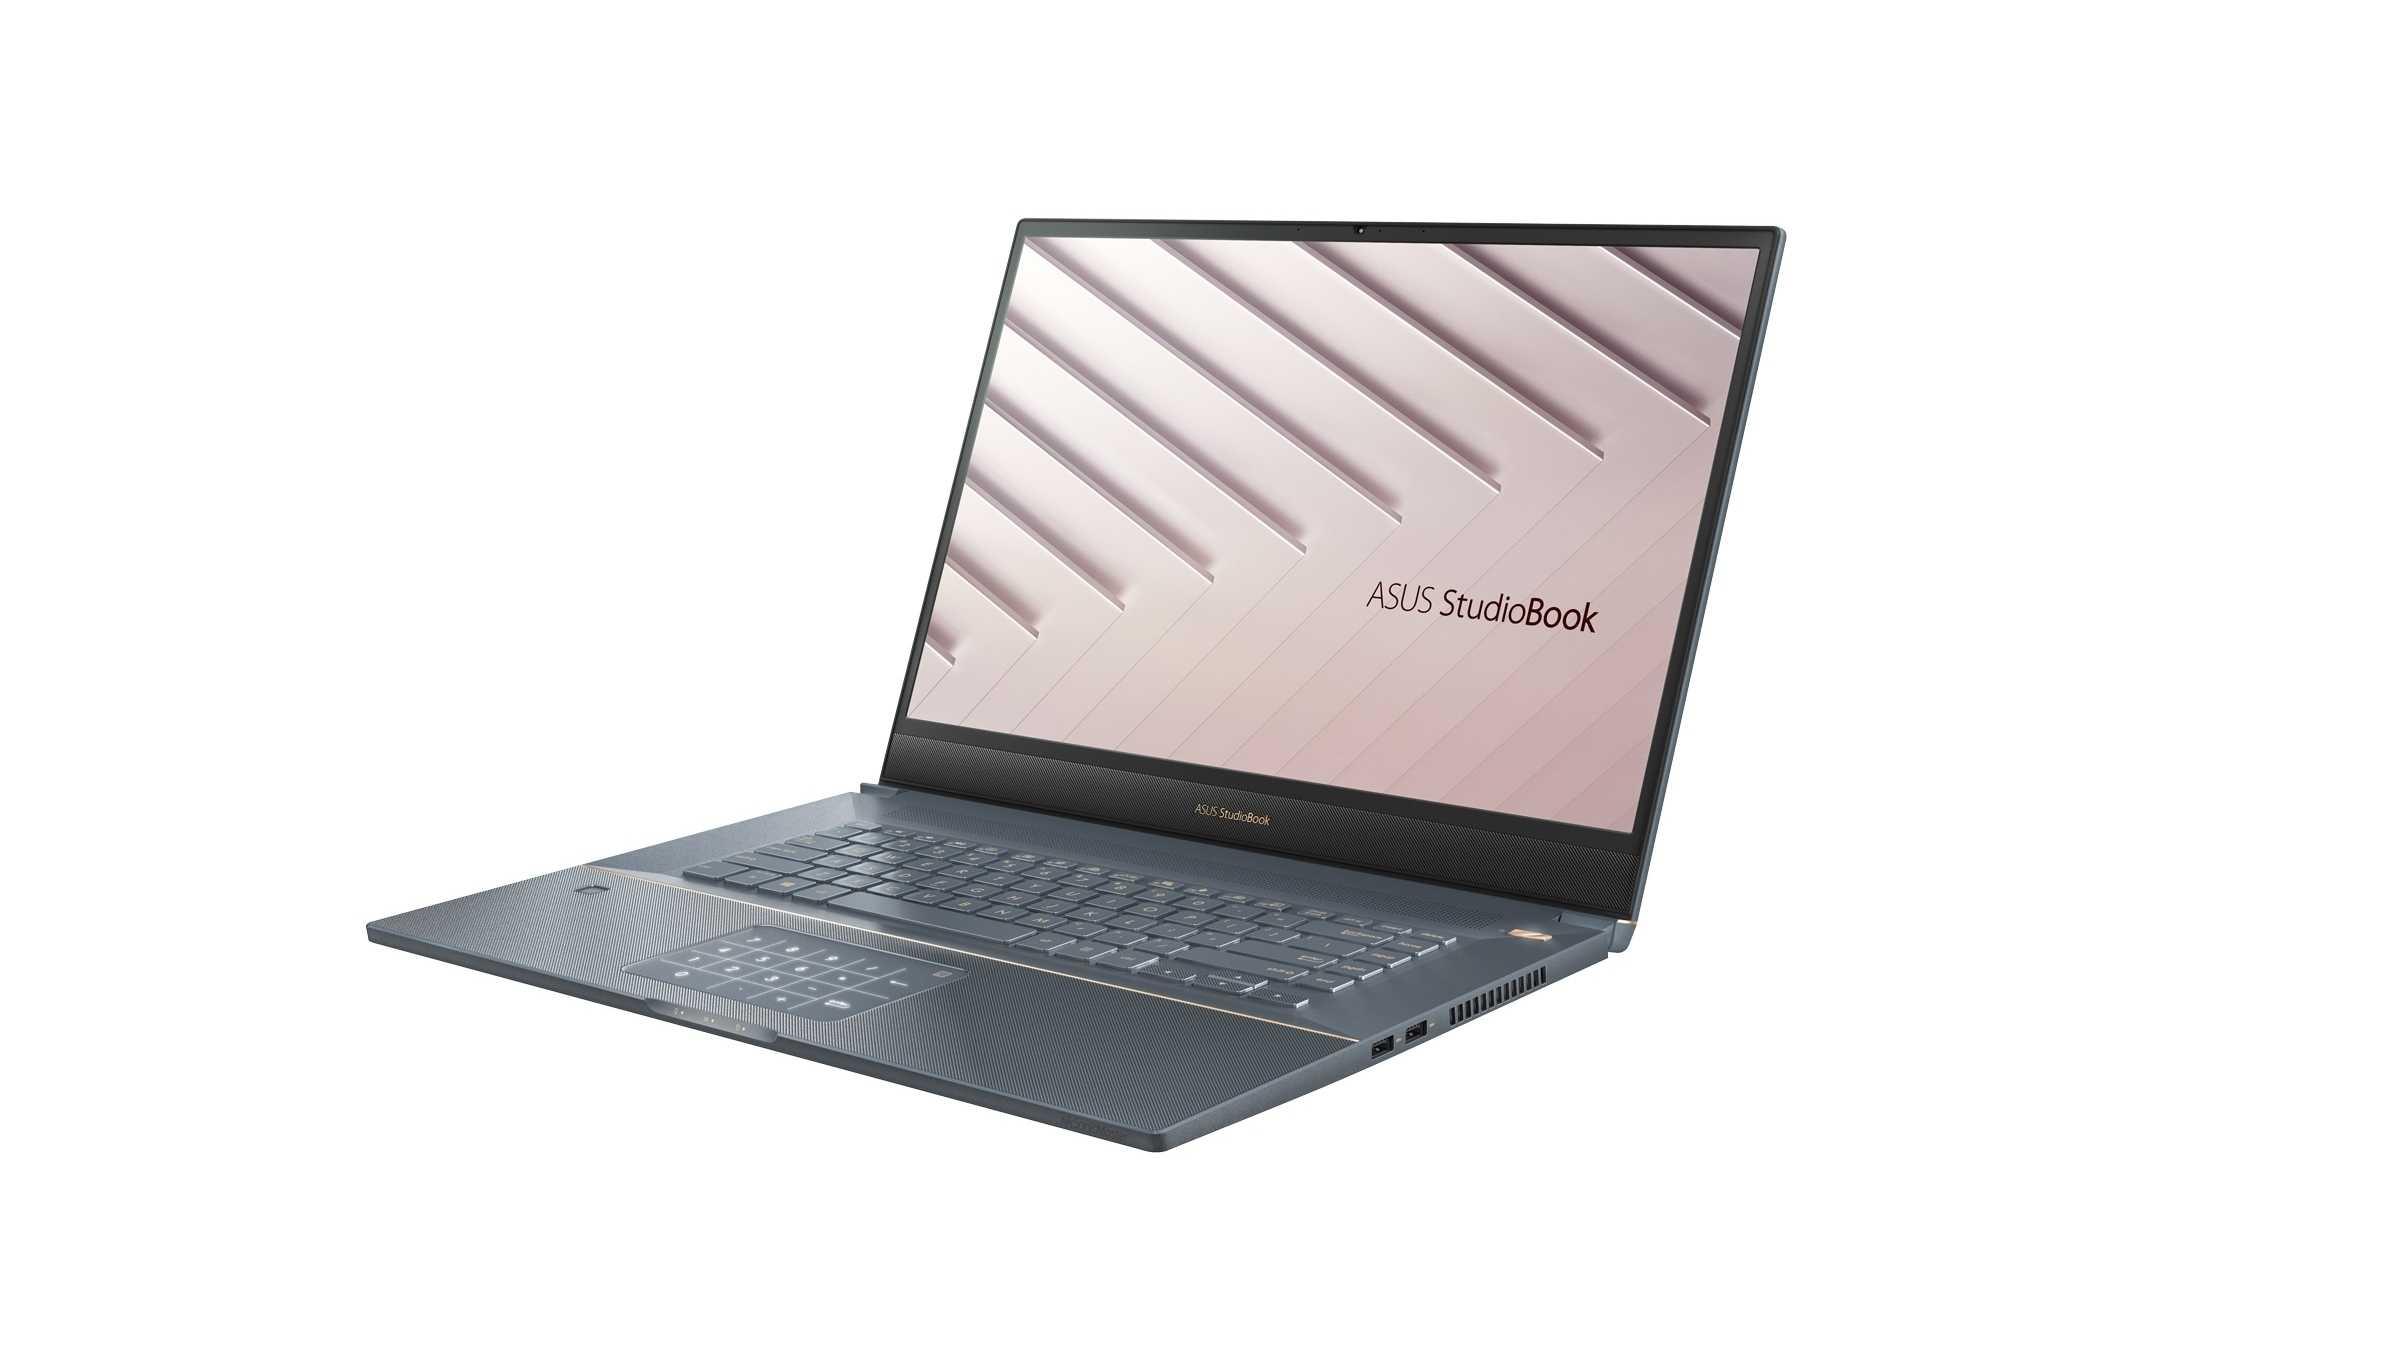 Asus StudioBook S: Workstation-Notebook mit 16:10-Bildschirm